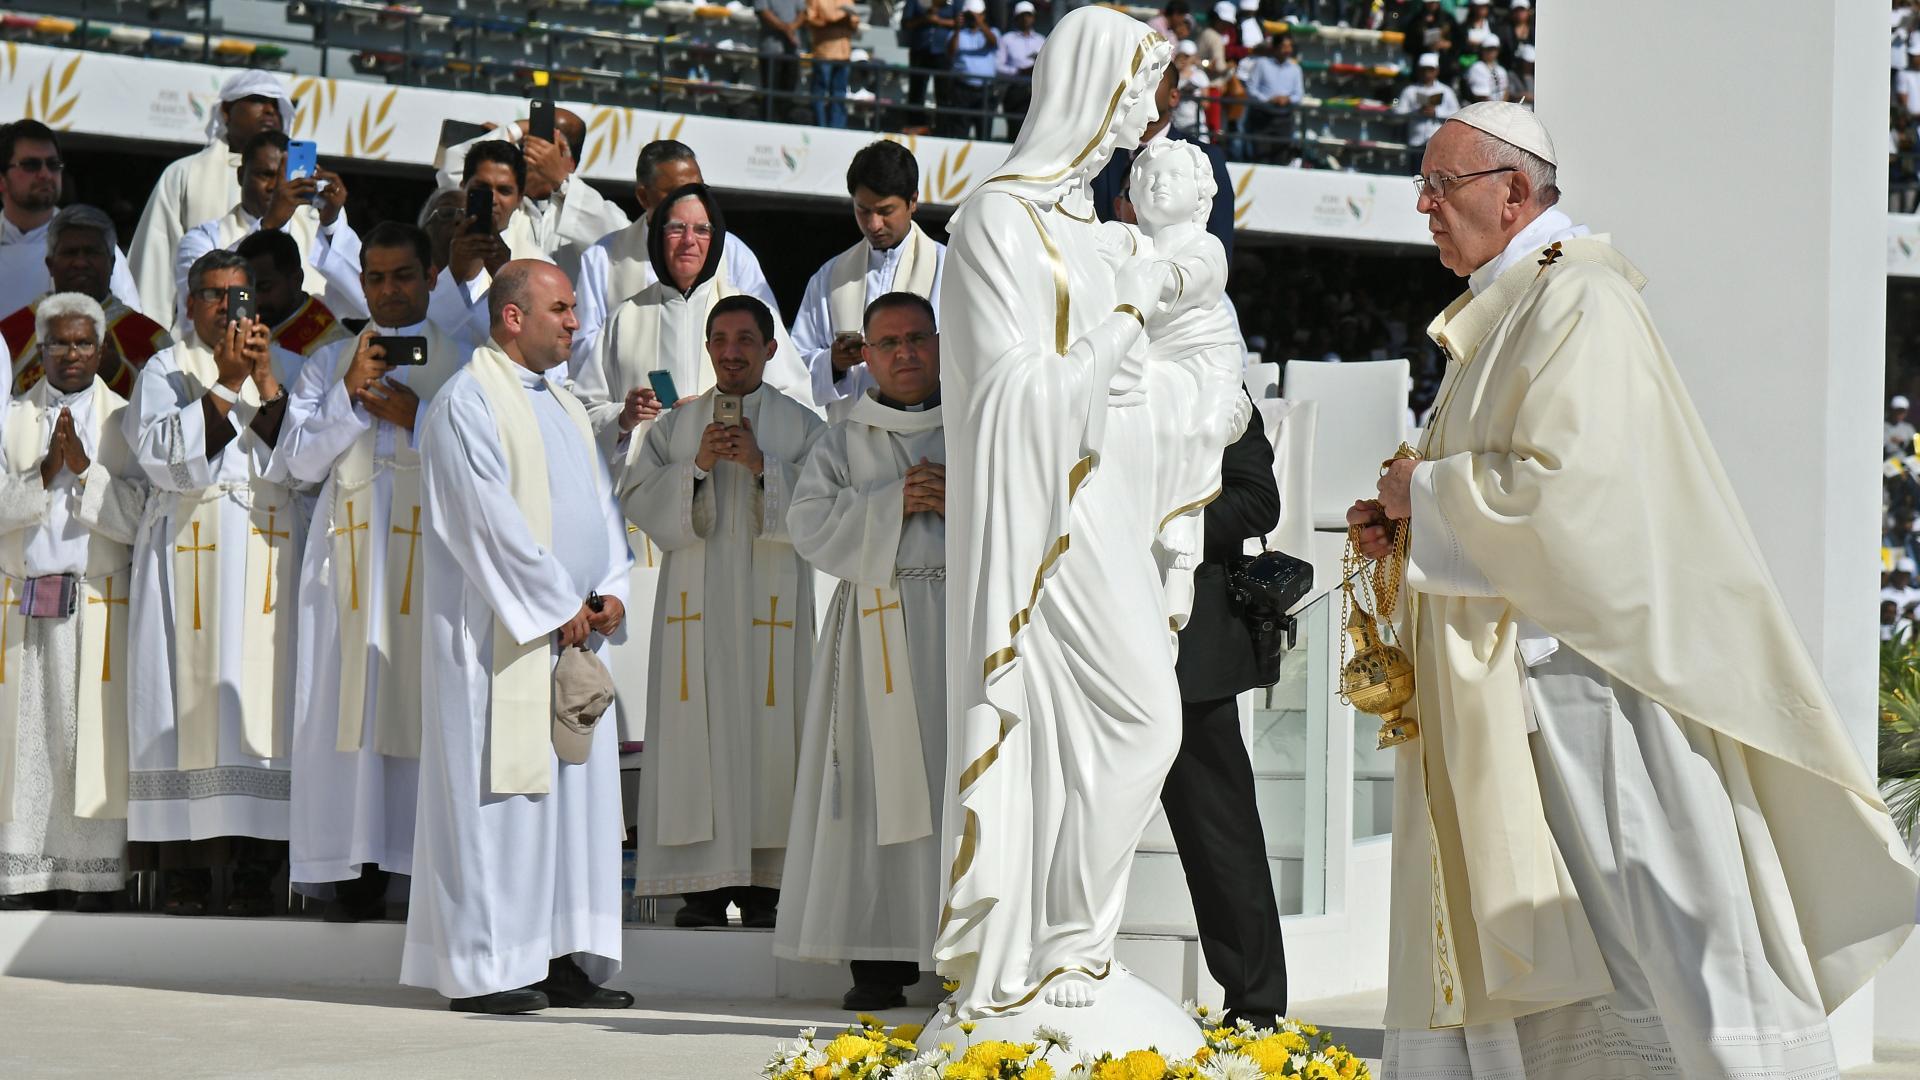 بابا الفاتيكان يترأس أول قداس في شبه الجزيرة العربية وسط حضور عشرات الآلاف